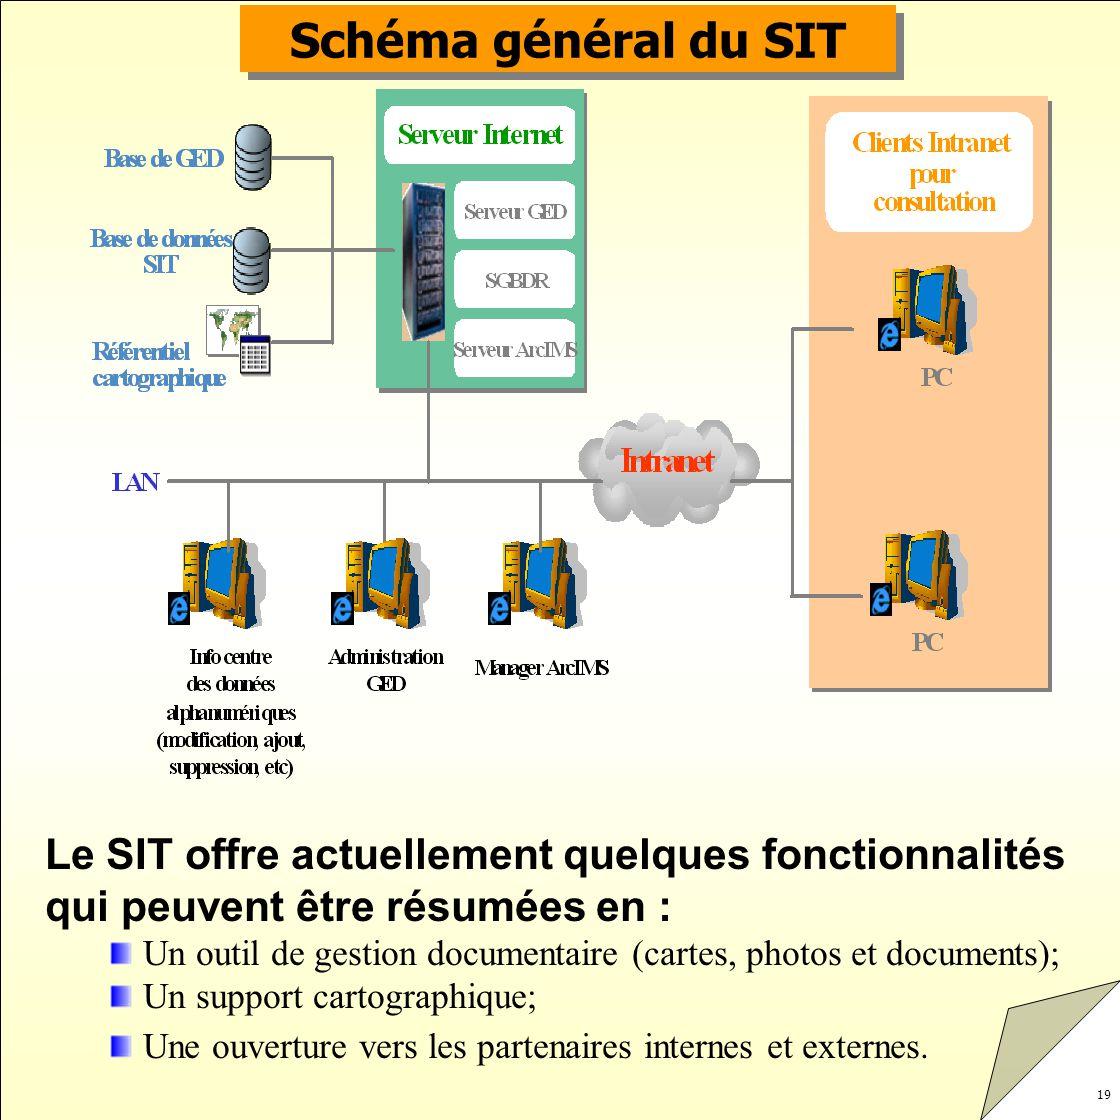 Schéma général du SIT Le SIT offre actuellement quelques fonctionnalités qui peuvent être résumées en :